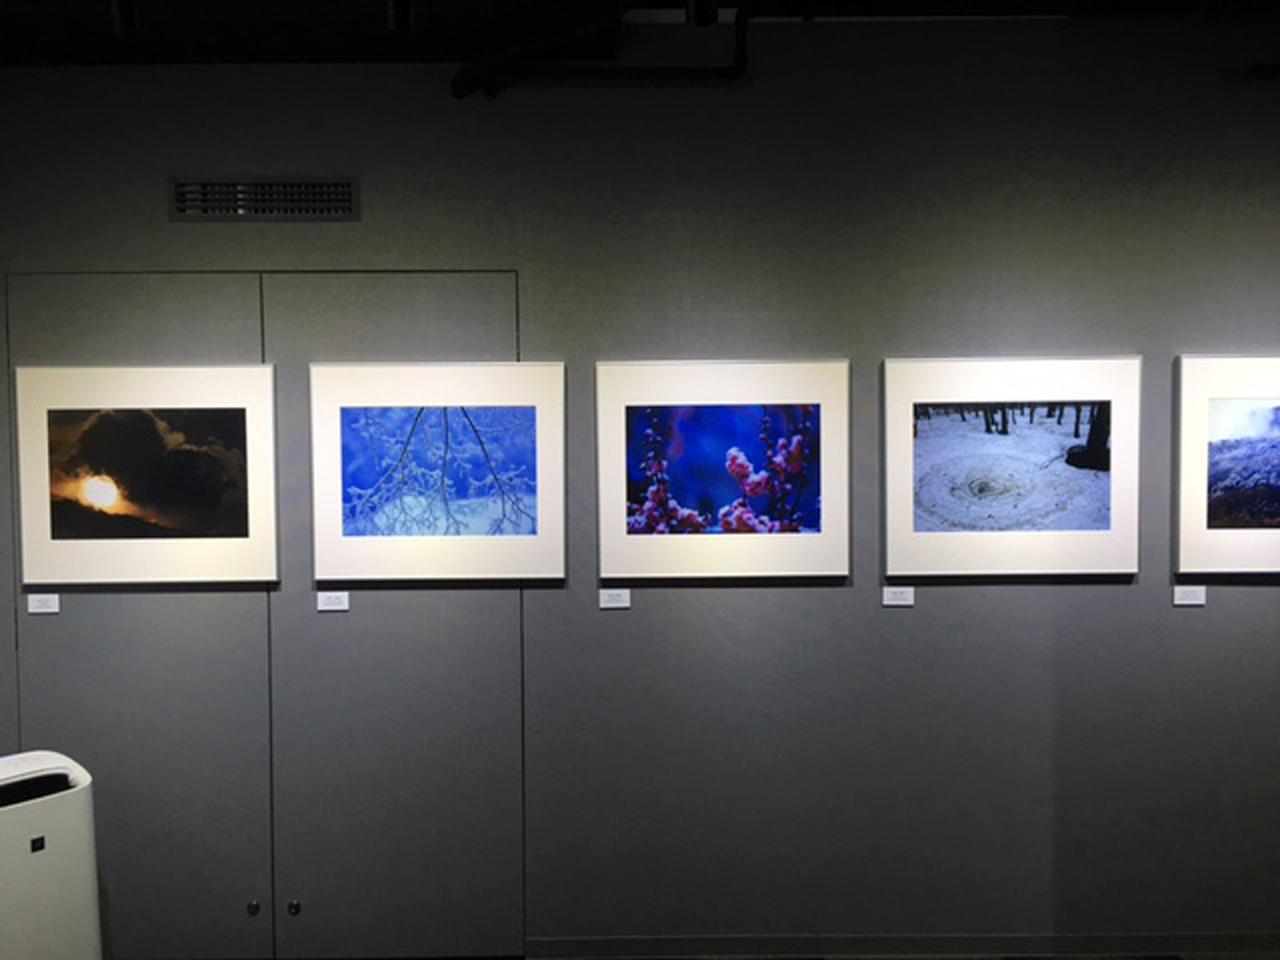 画像3: 工藤智道 写真展『列島光明』。竹内敏信記念財団・特別企画展です。この記念館は2021年4月オープンです。